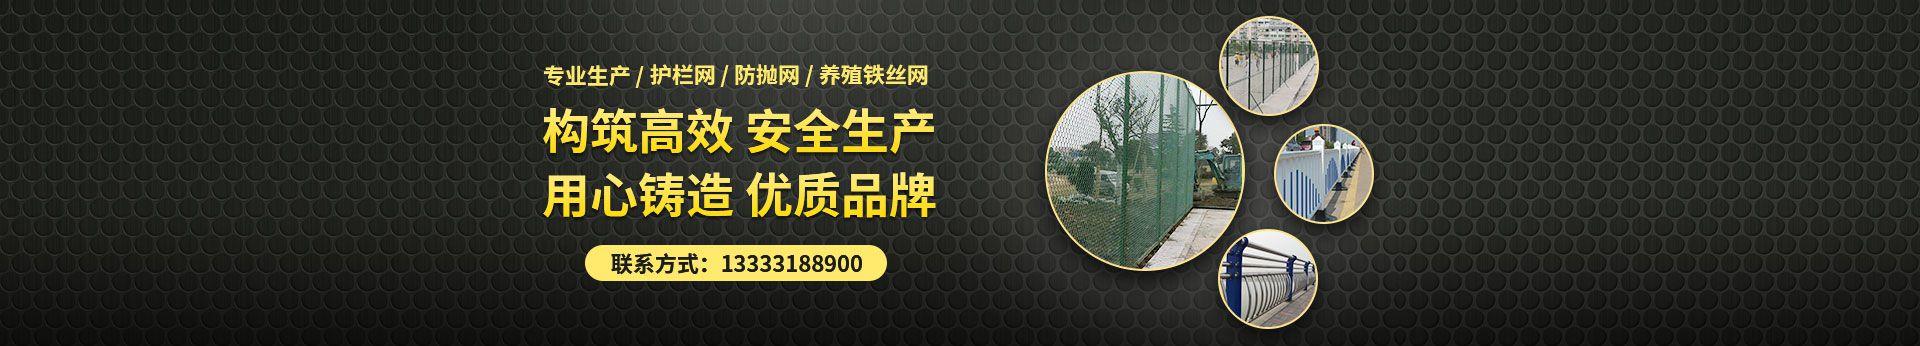 安平县优盾金属丝网制品有限公司